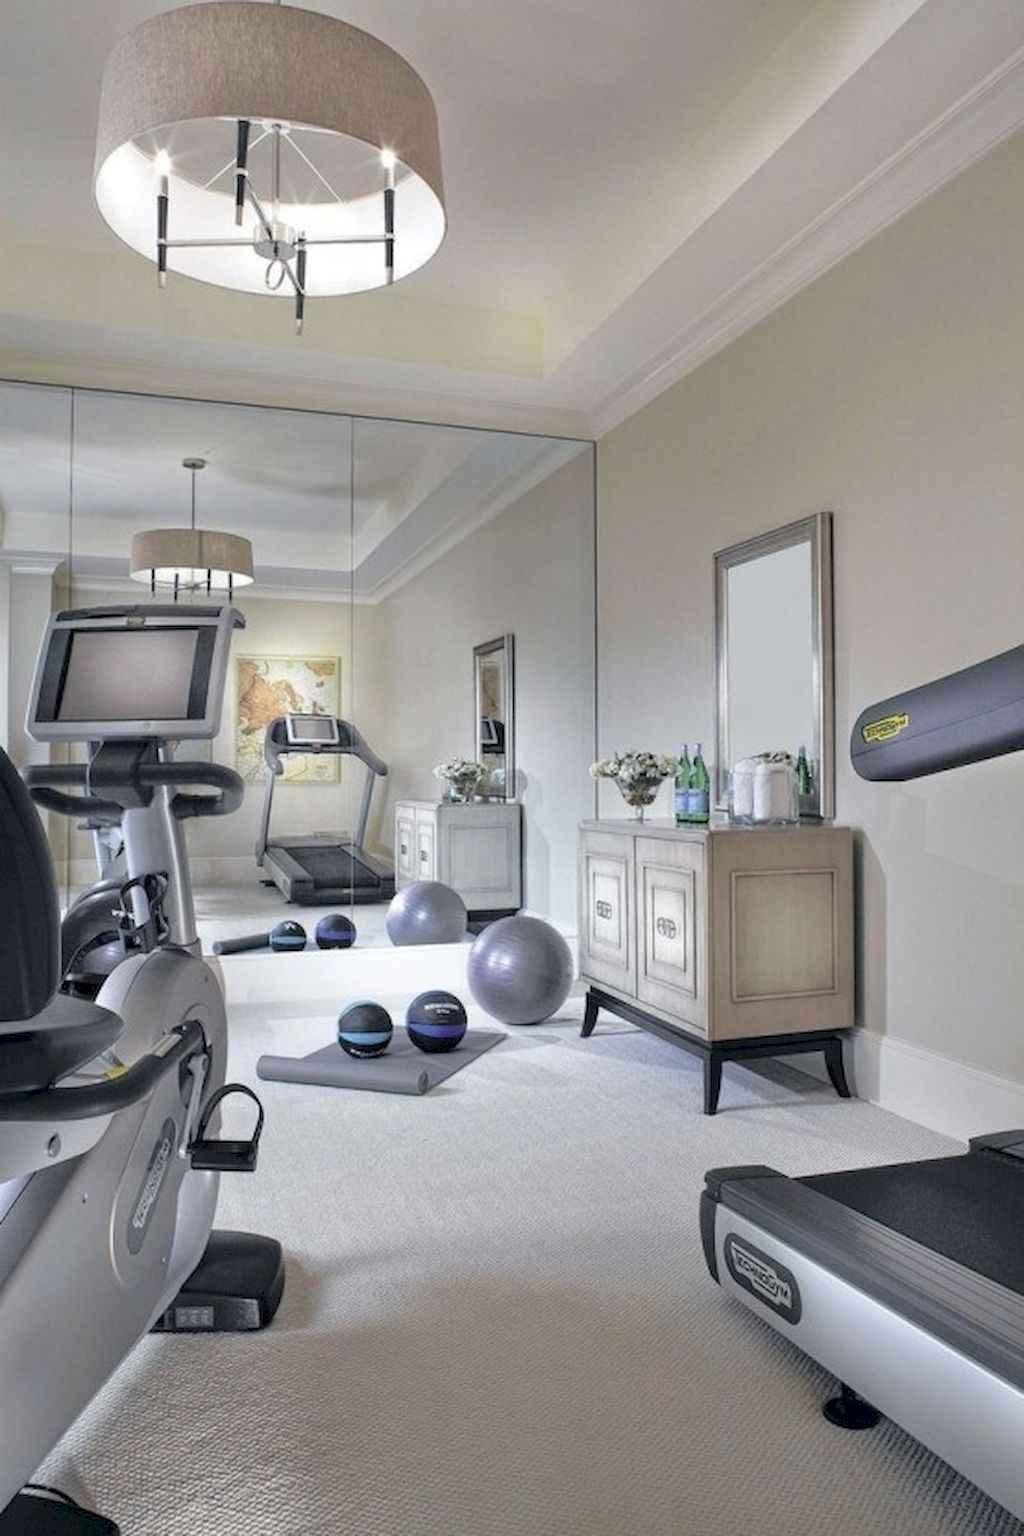 Home gym ideas small spaces 46 livingmarch.com